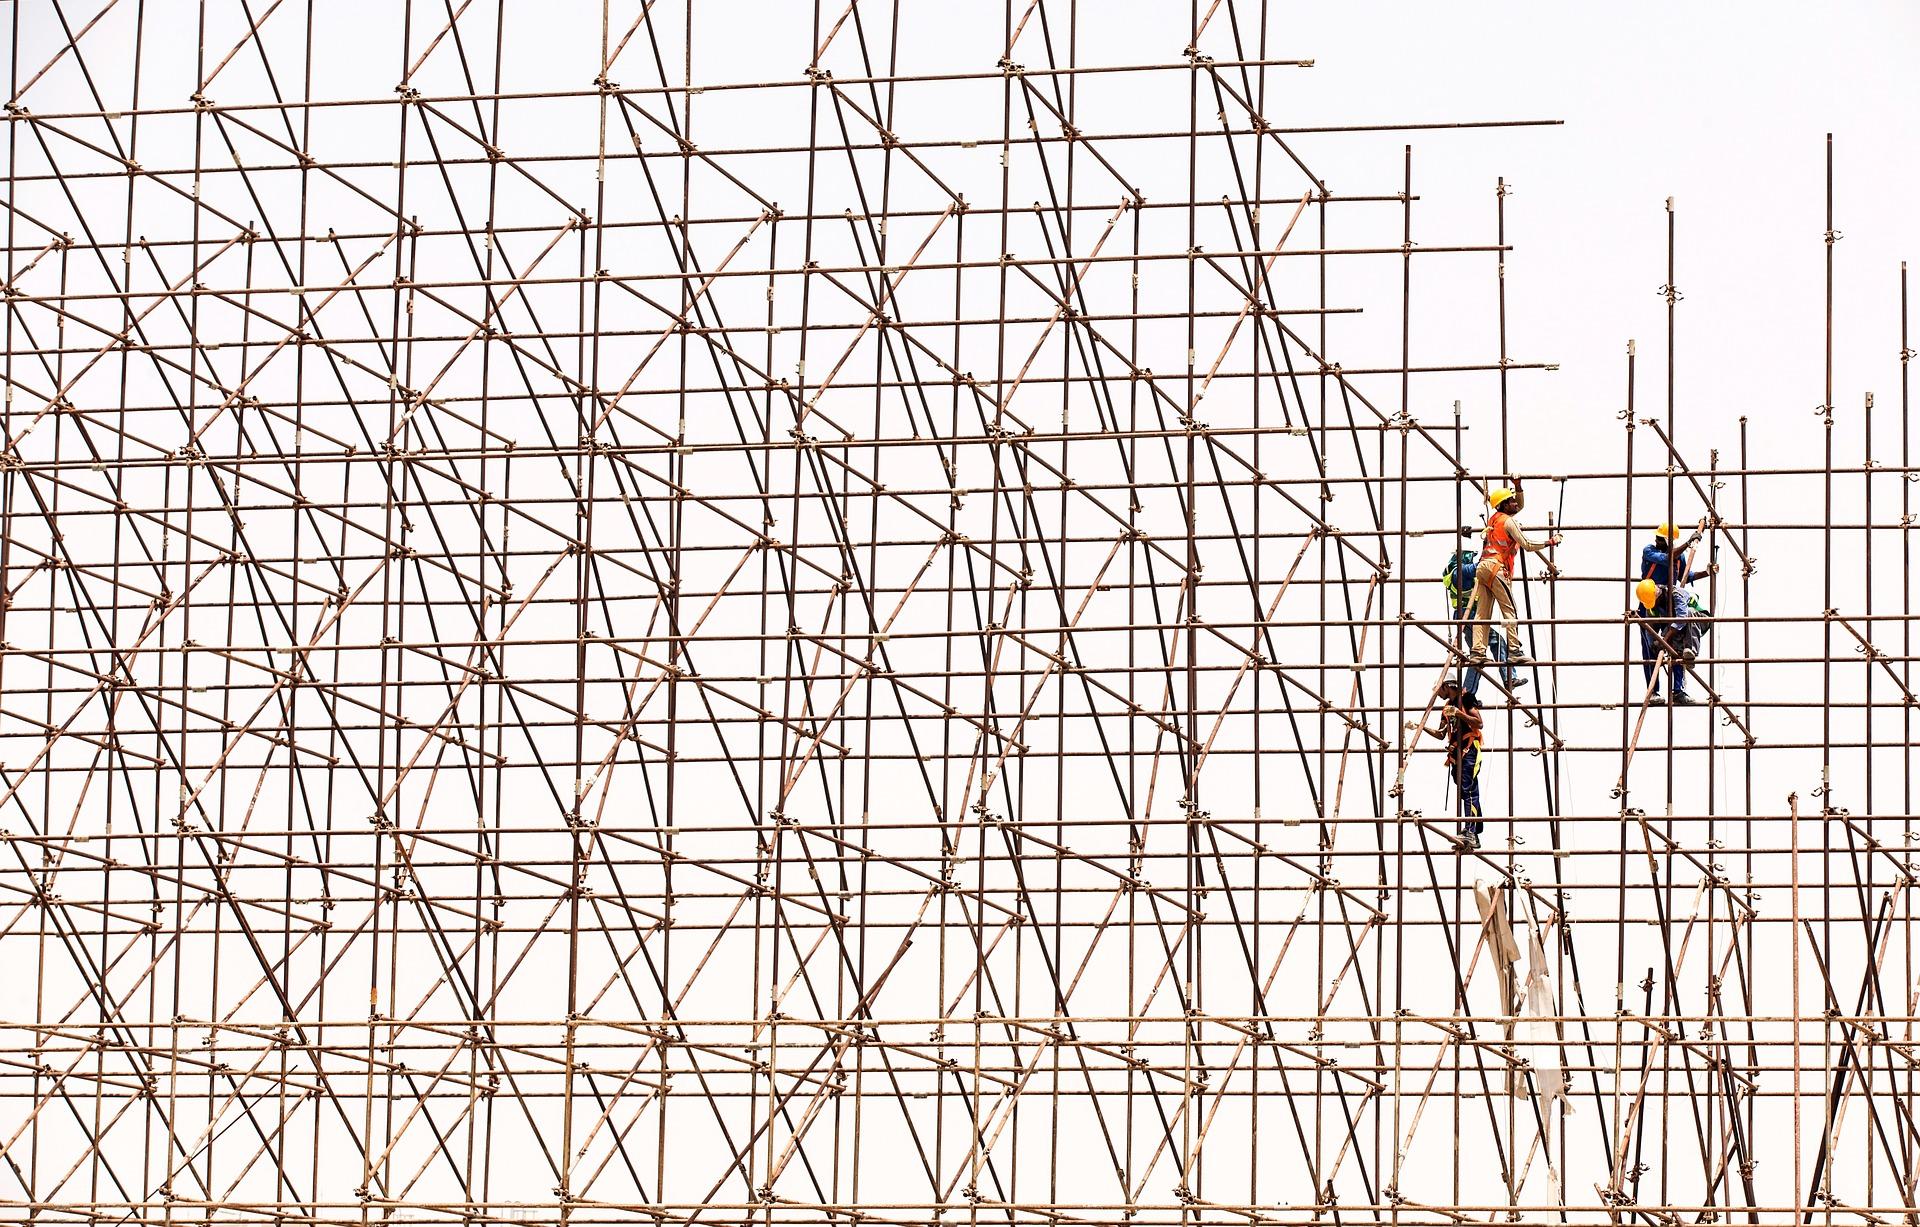 Ristrutturazioni e ponteggi in sicurezza: i servizi La Patria per il settore Edile e le gestioni condominiali